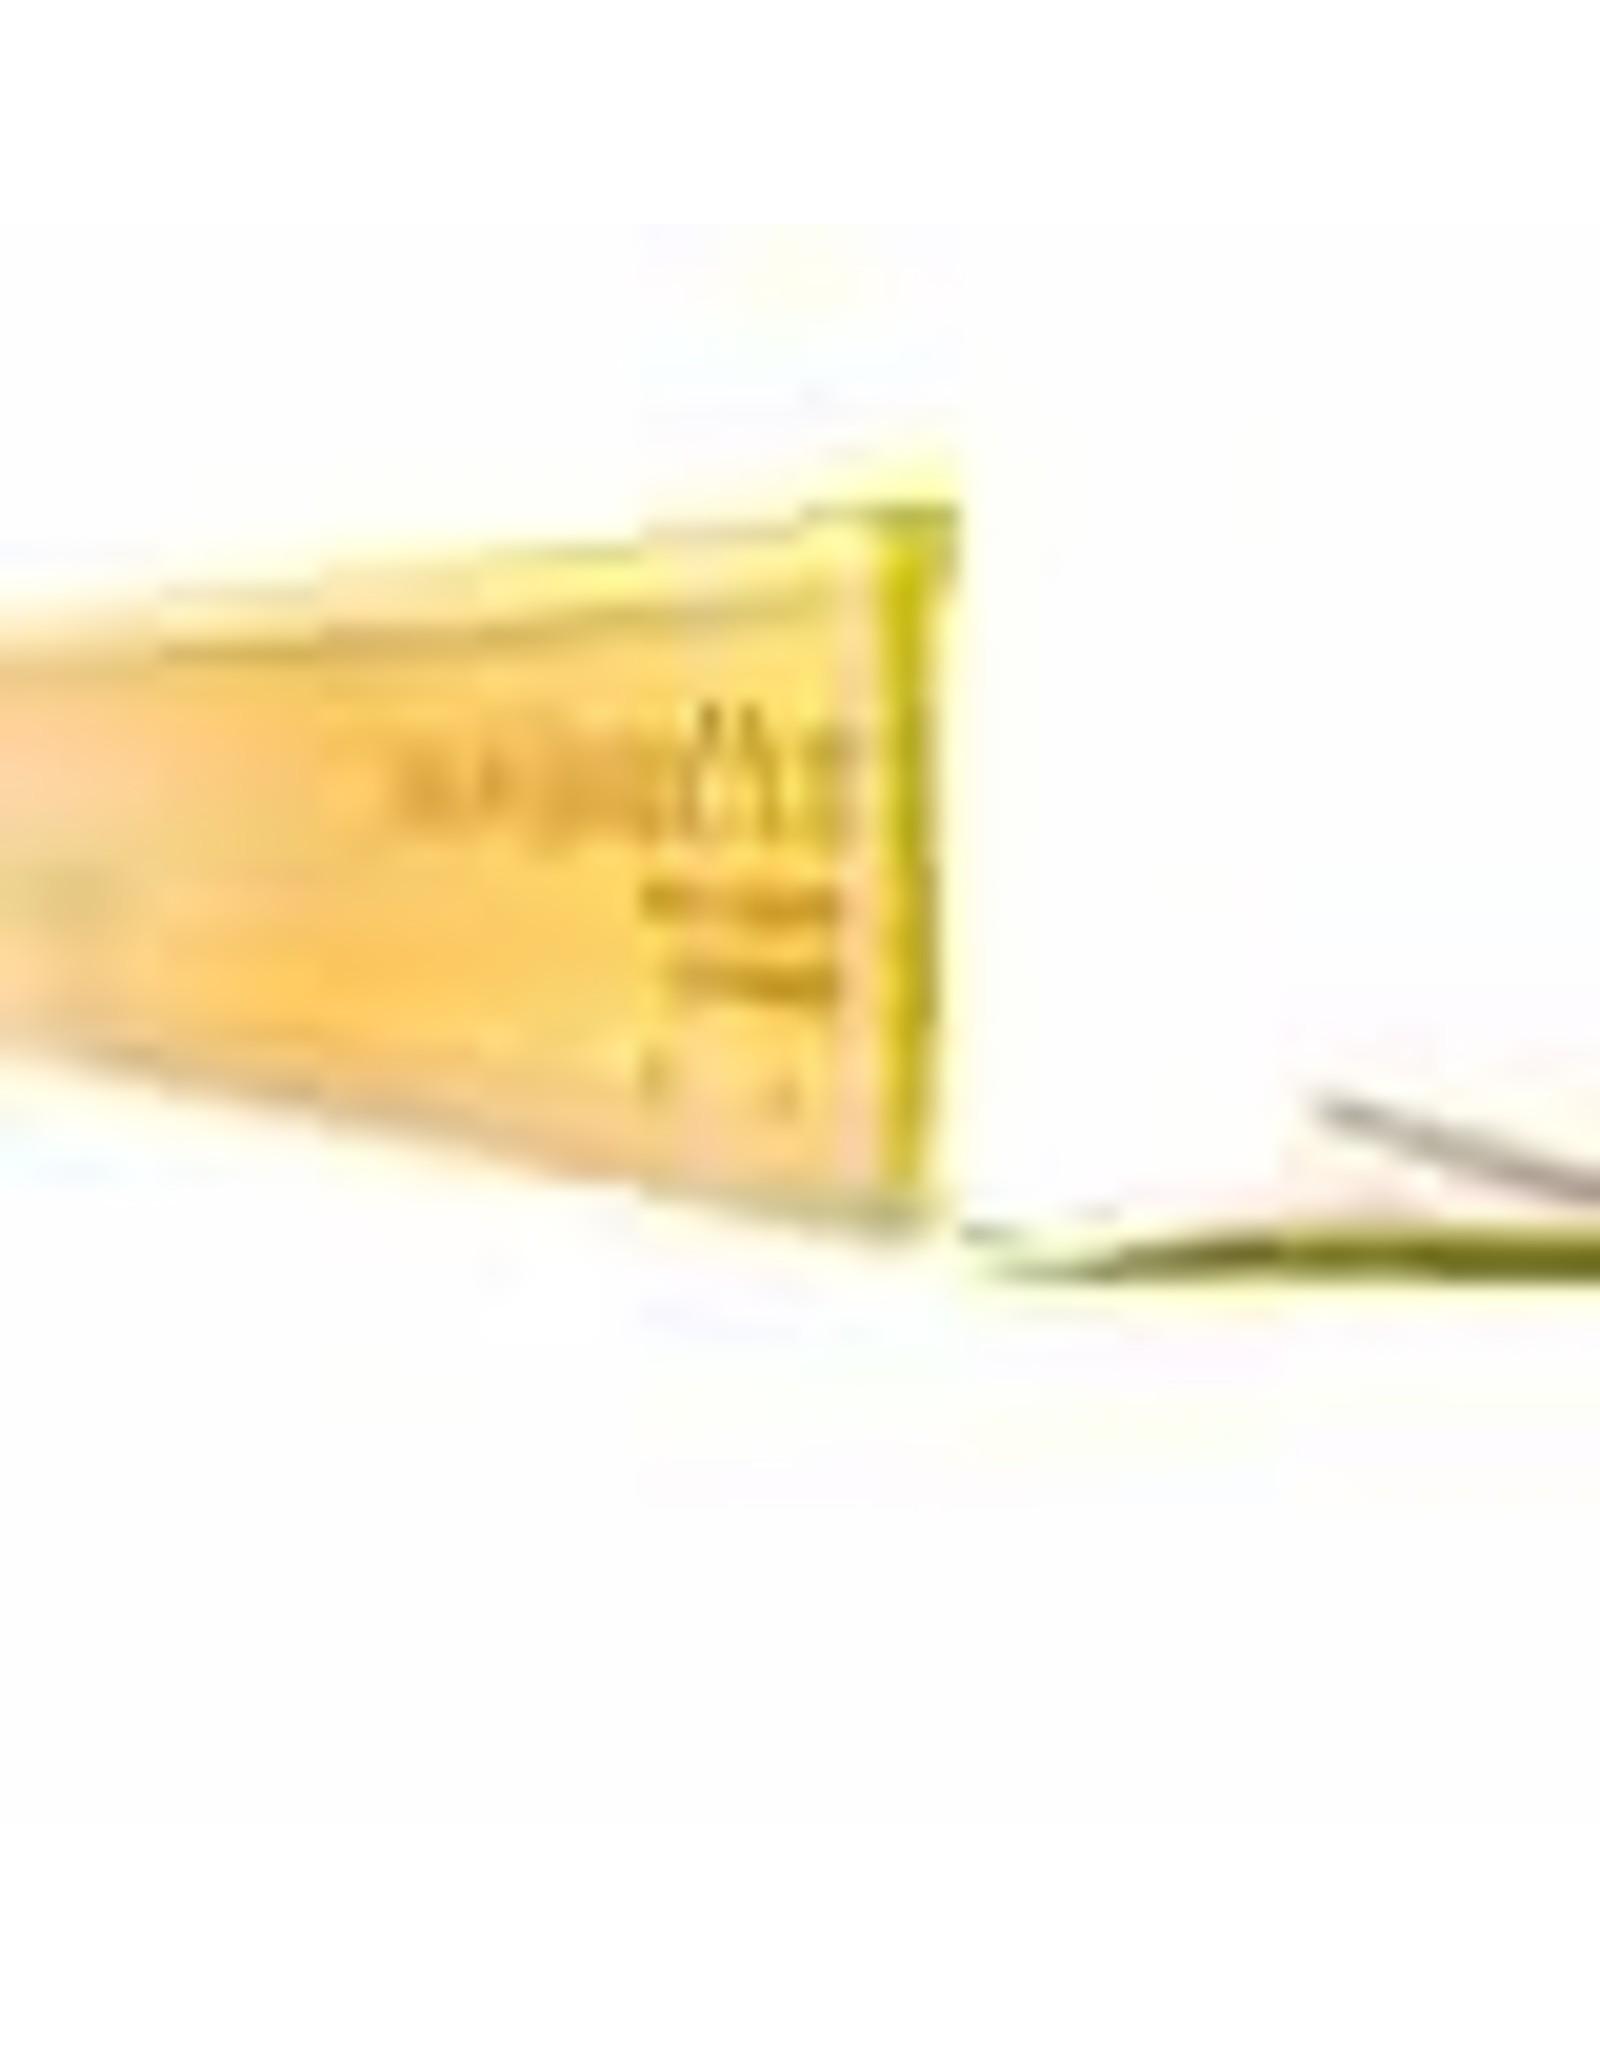 Diversen Add A Quarter Ruler Plus - 6 inch